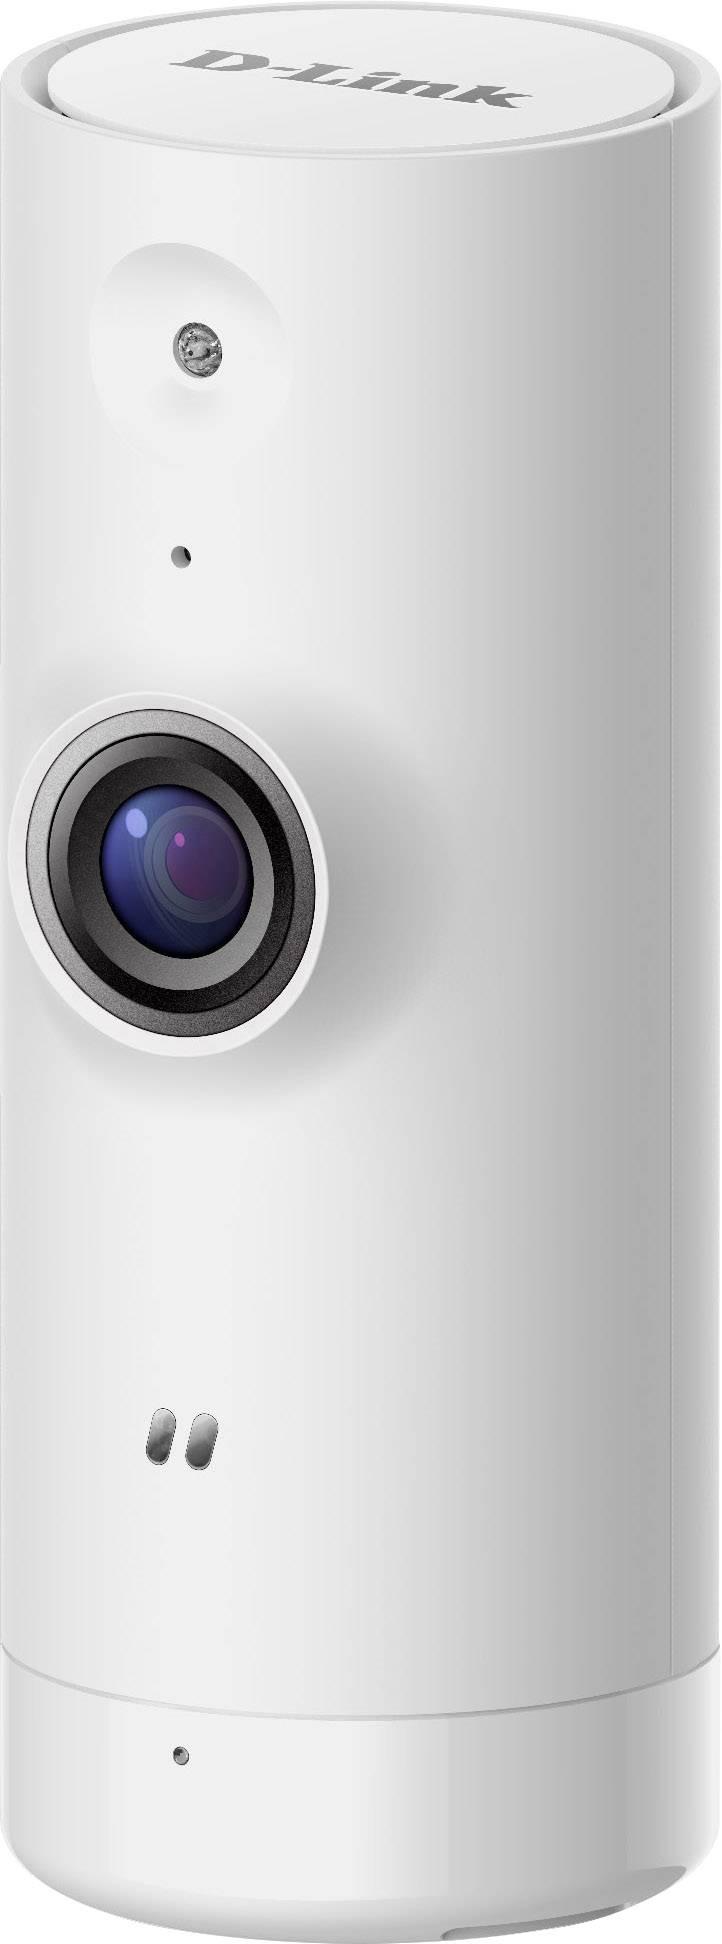 TP-LINK NC200 LAN, Wi-Fi IP CCTV camera 640 x 480 pix